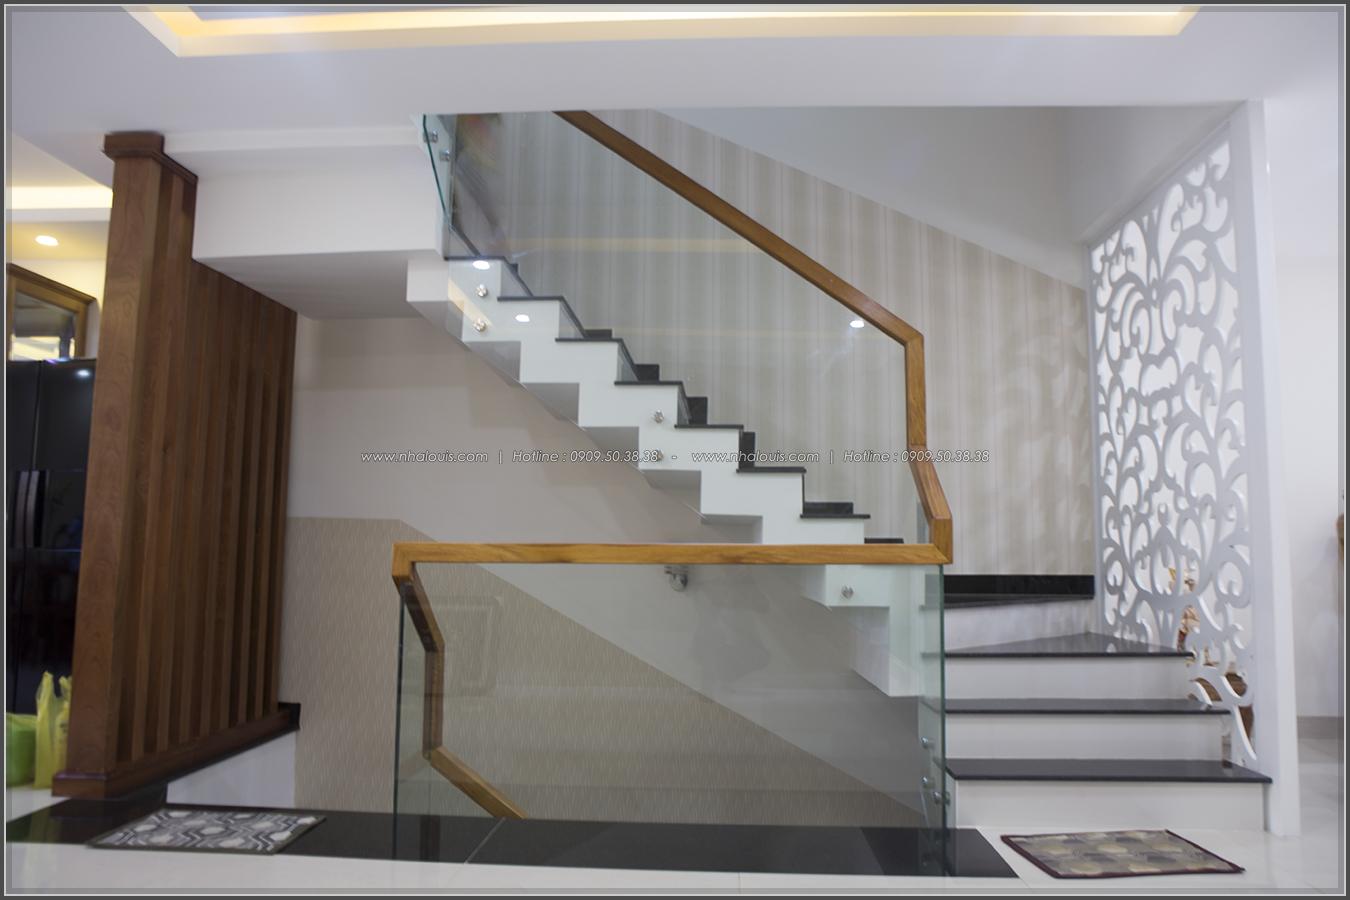 Thi công nhà đẹp 3 tầng mặt tiền 5m kết hợp kinh doanh tại quận 8 - 13